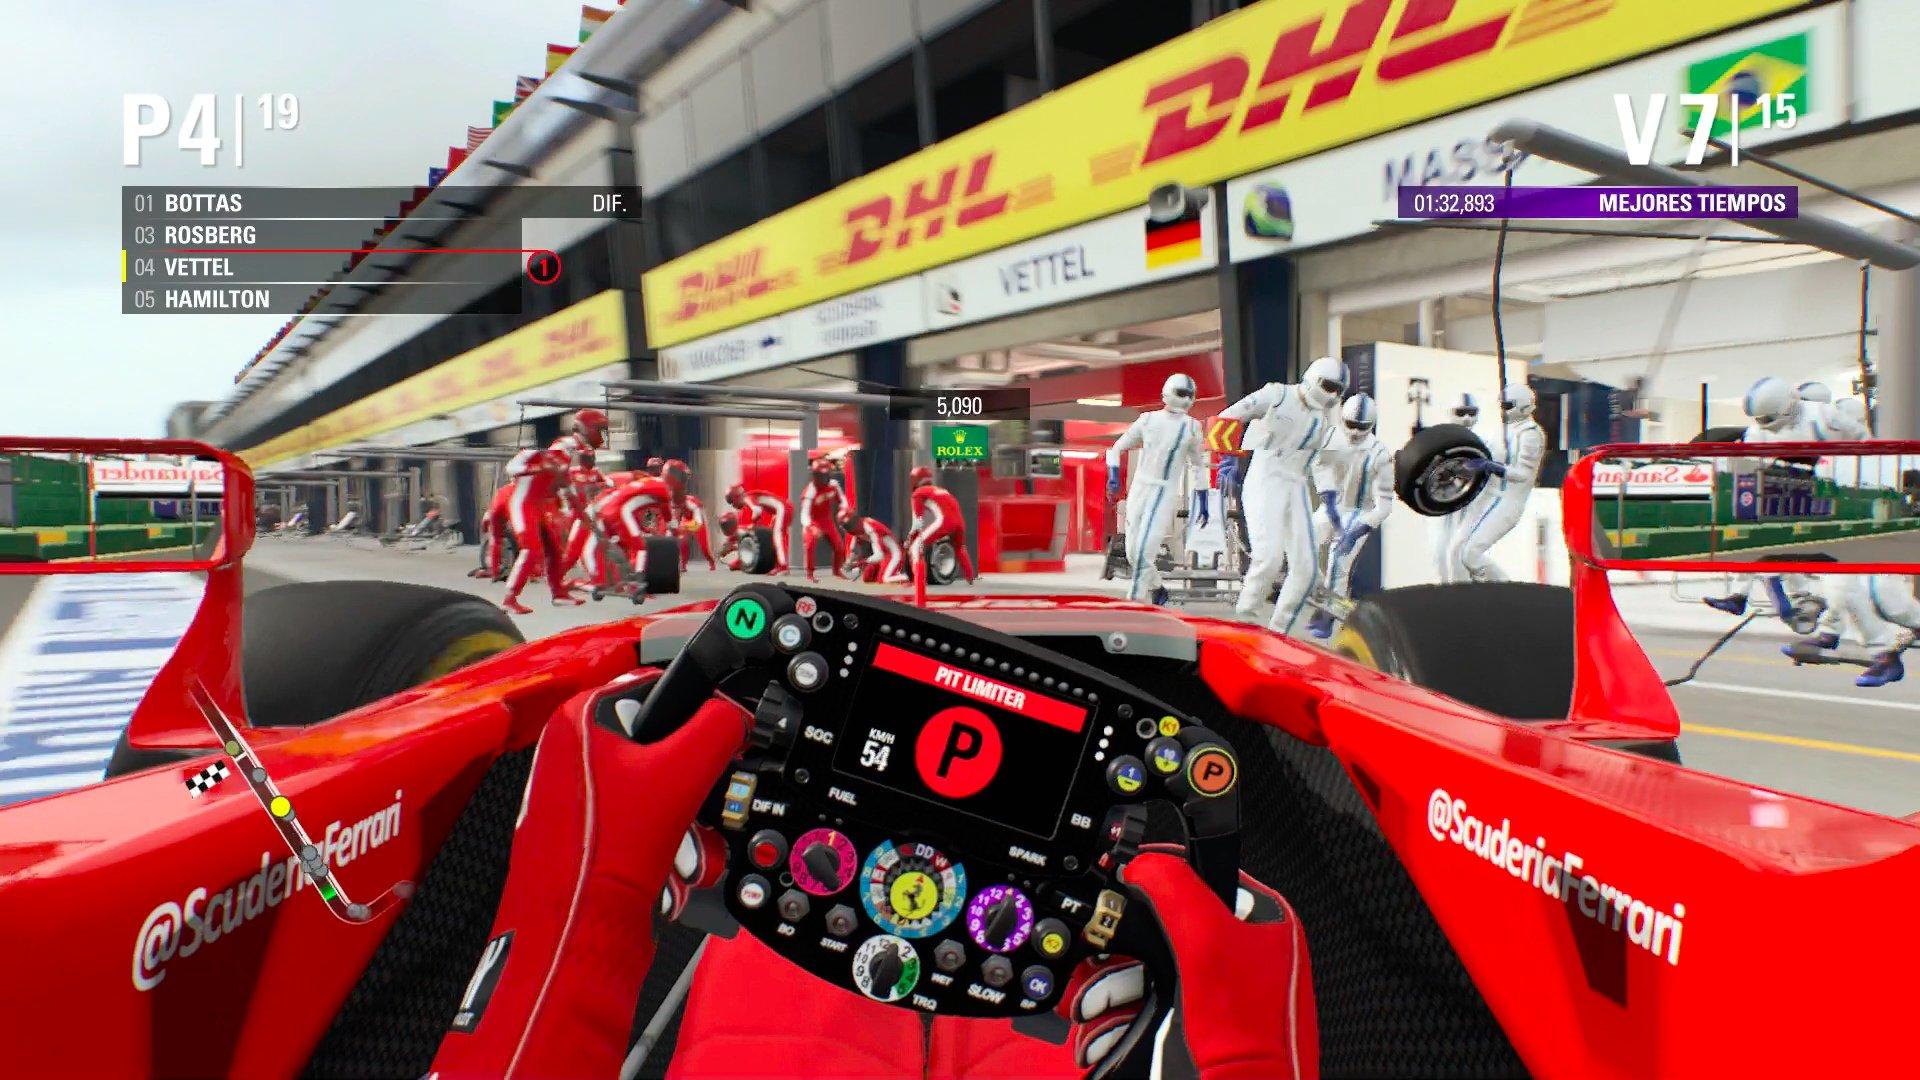 | F1 15 T.XIV | Fin del F1 2015 y Fin de Temporada F1_2015-3142368